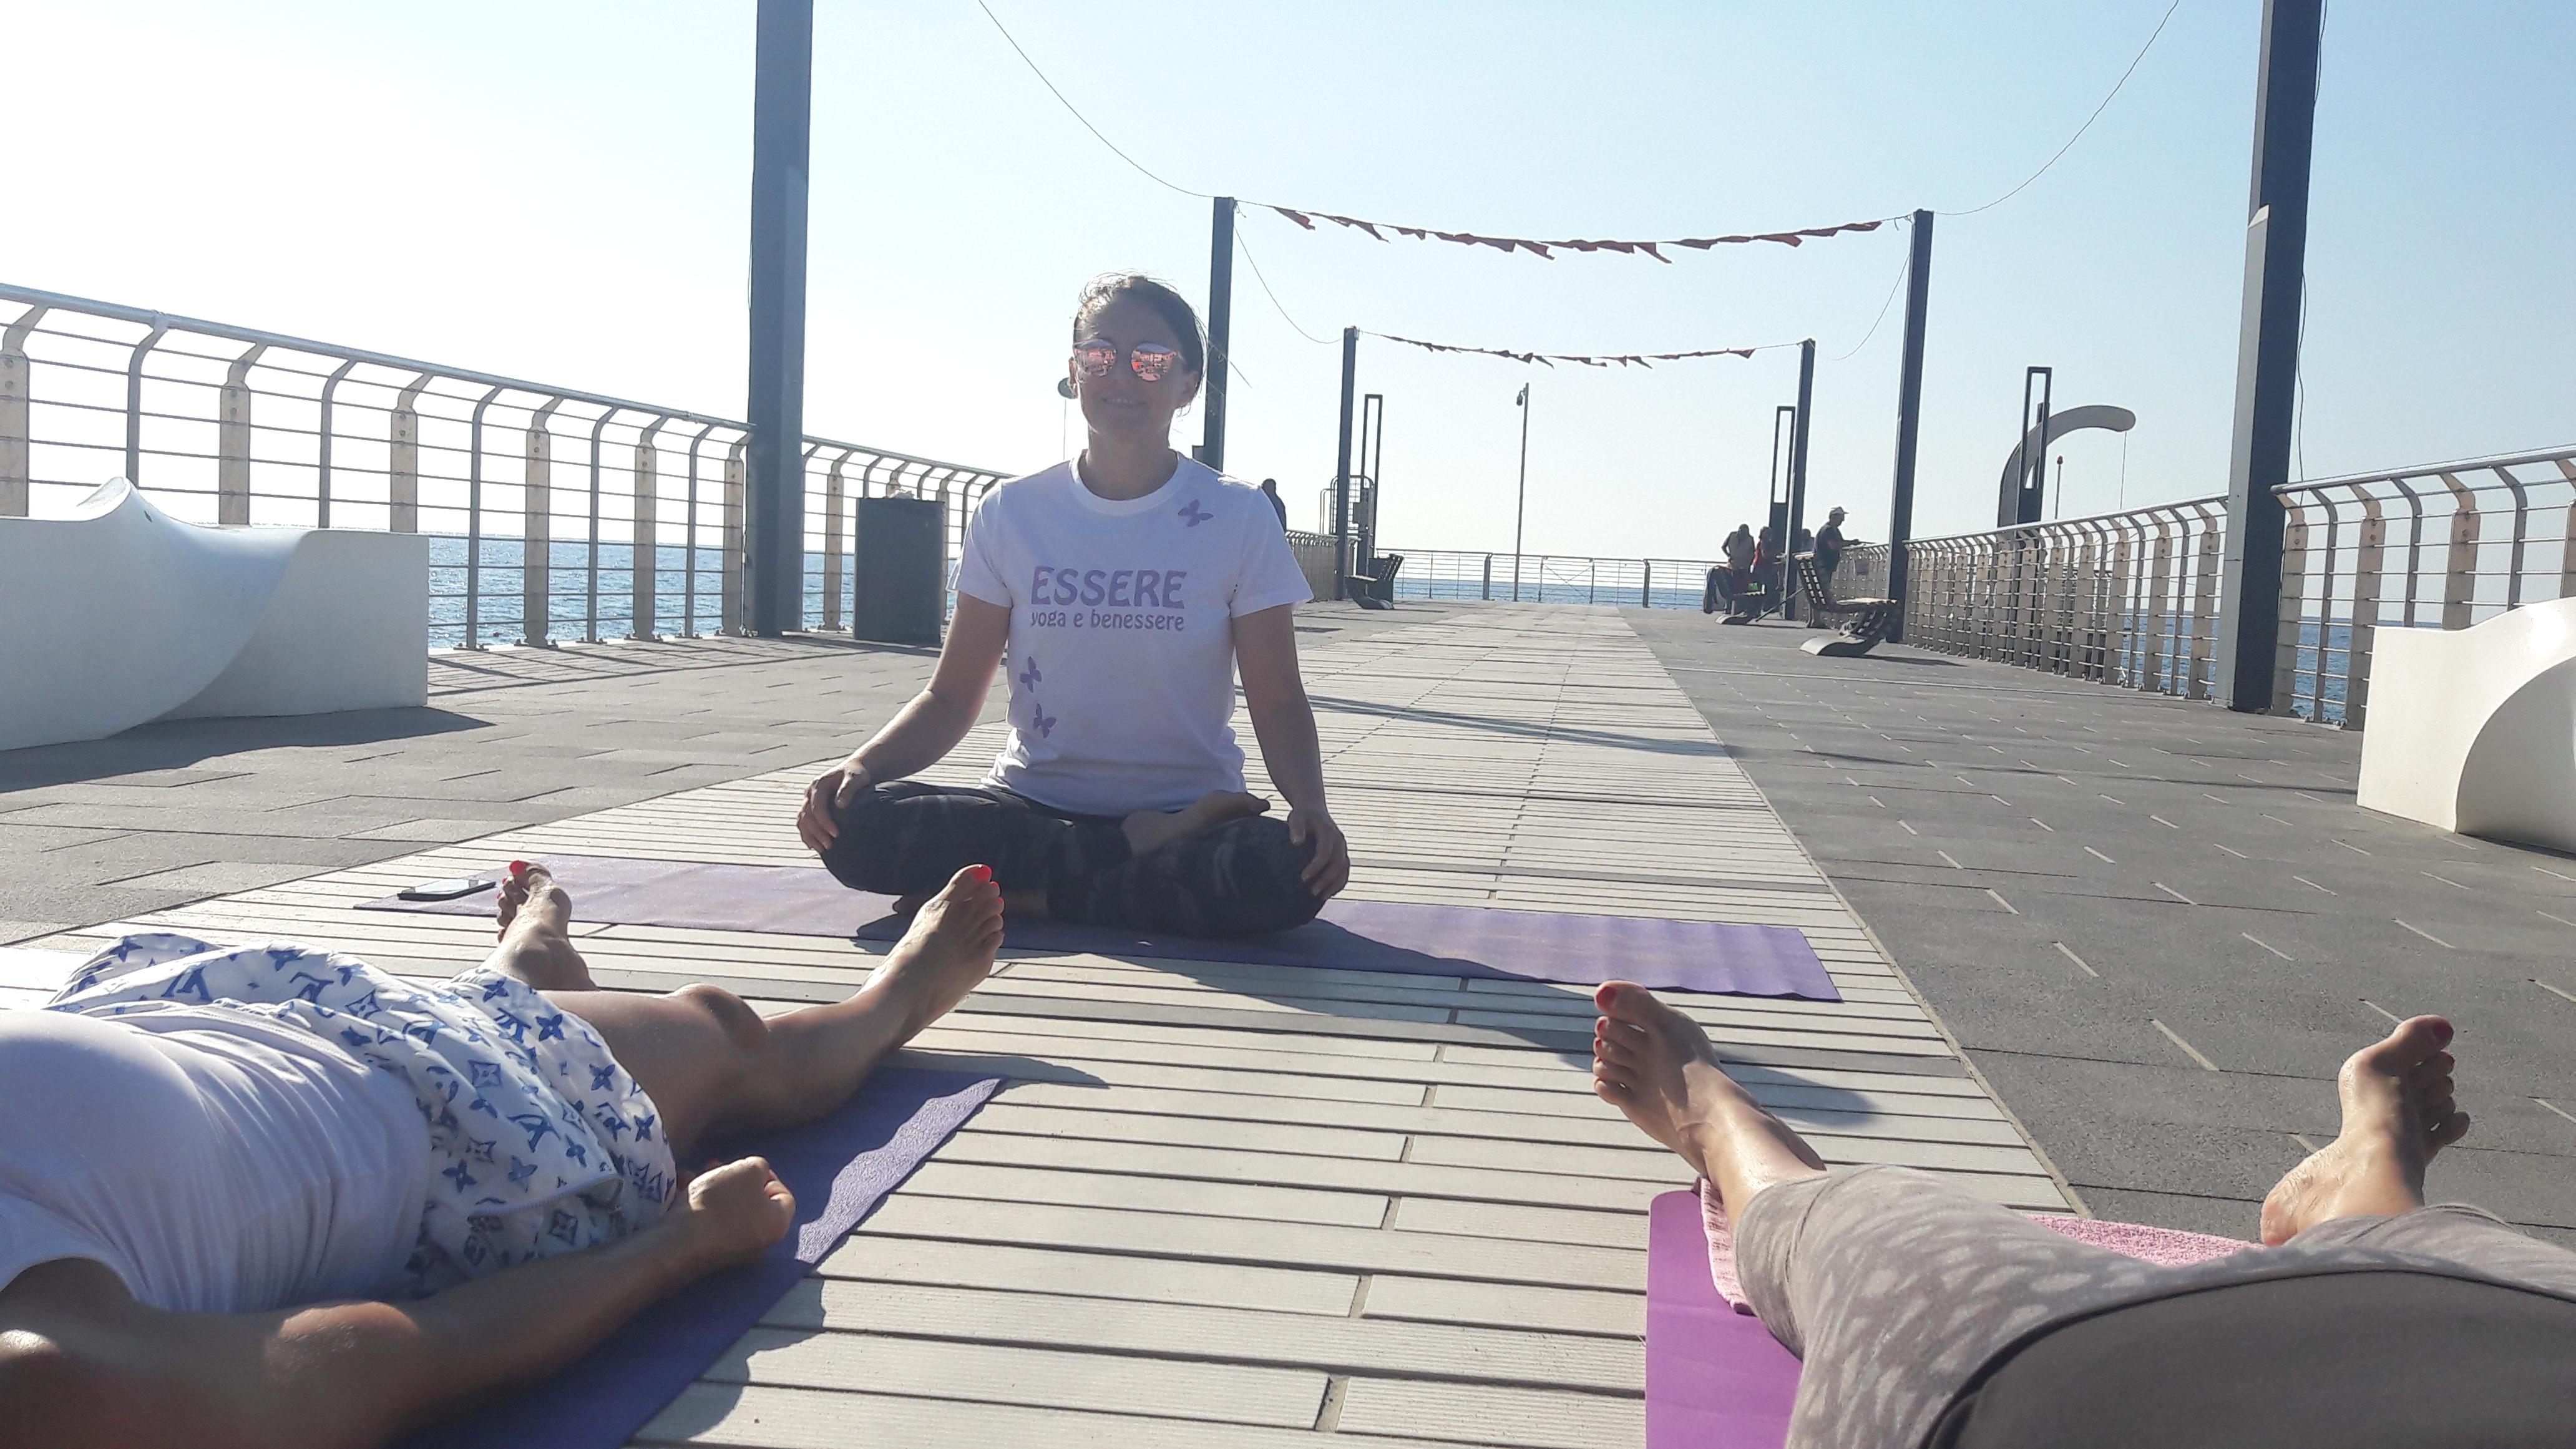 1_essere-free-yoga-gratuito-benessere-per-tutti-village-citta-alassio-estate-lucia-ragazzi-summer-town-wellness-047